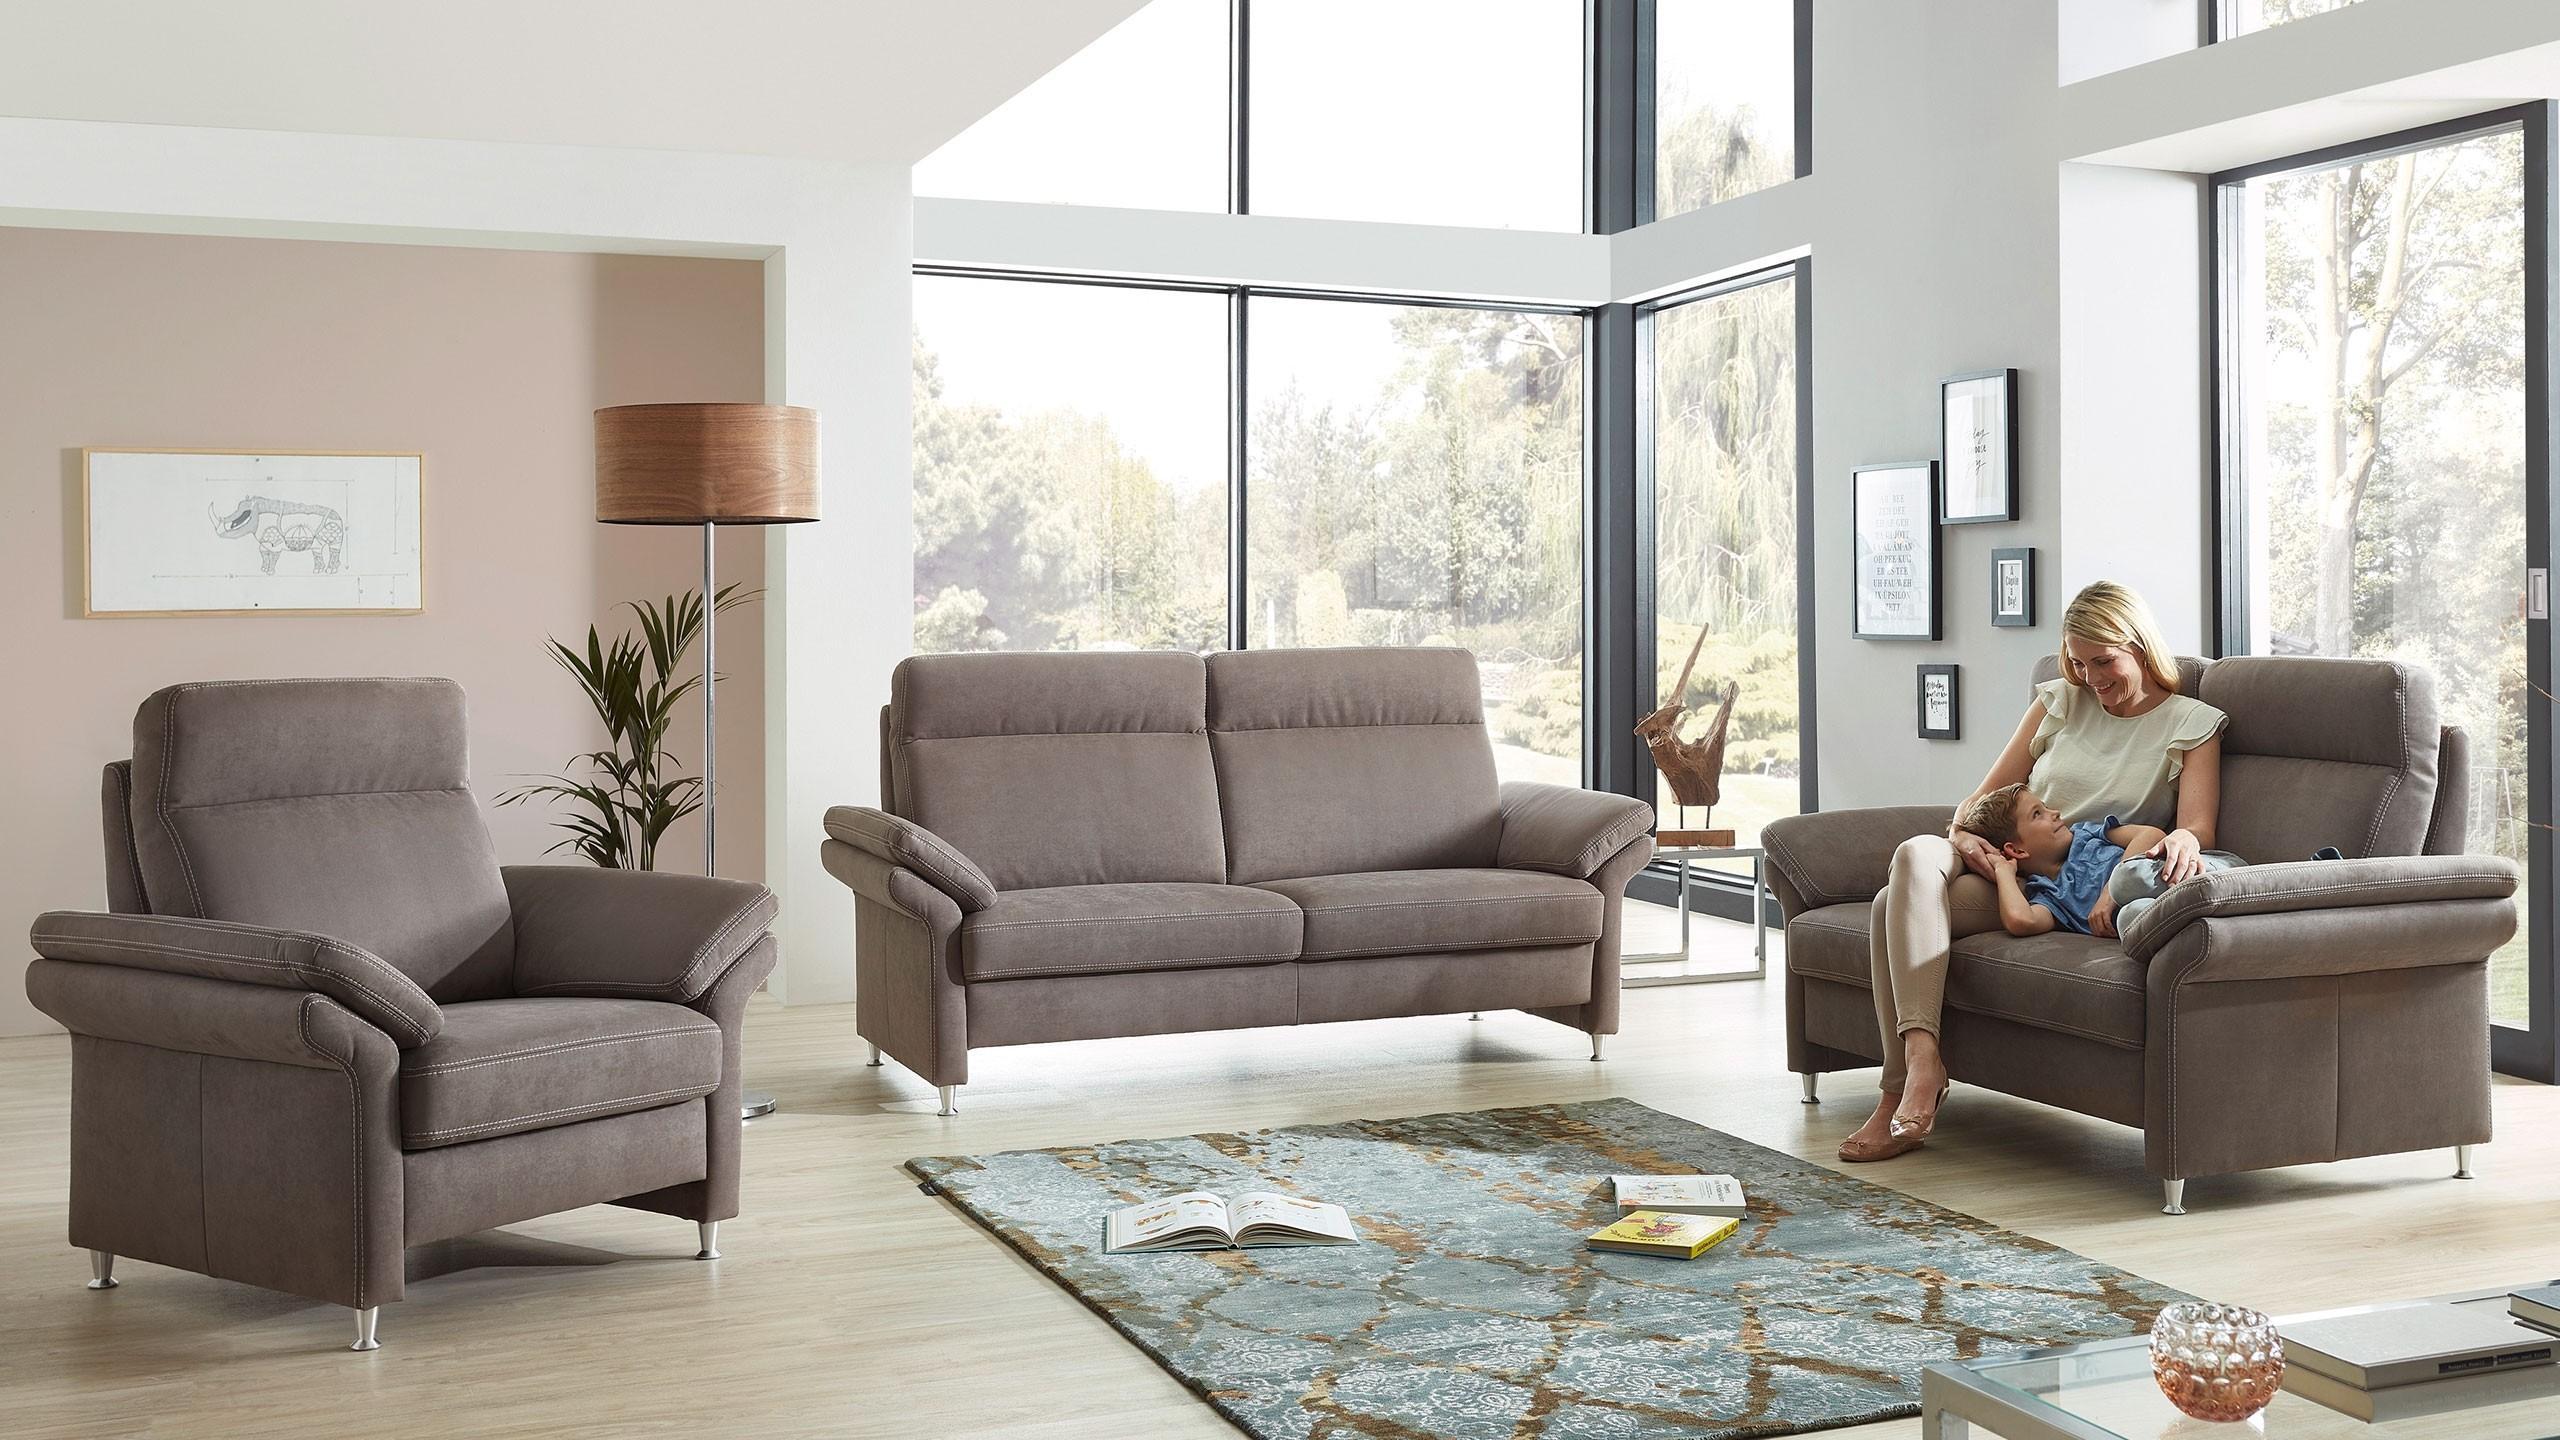 Malaga Sofa Garnitur Stoff Grau